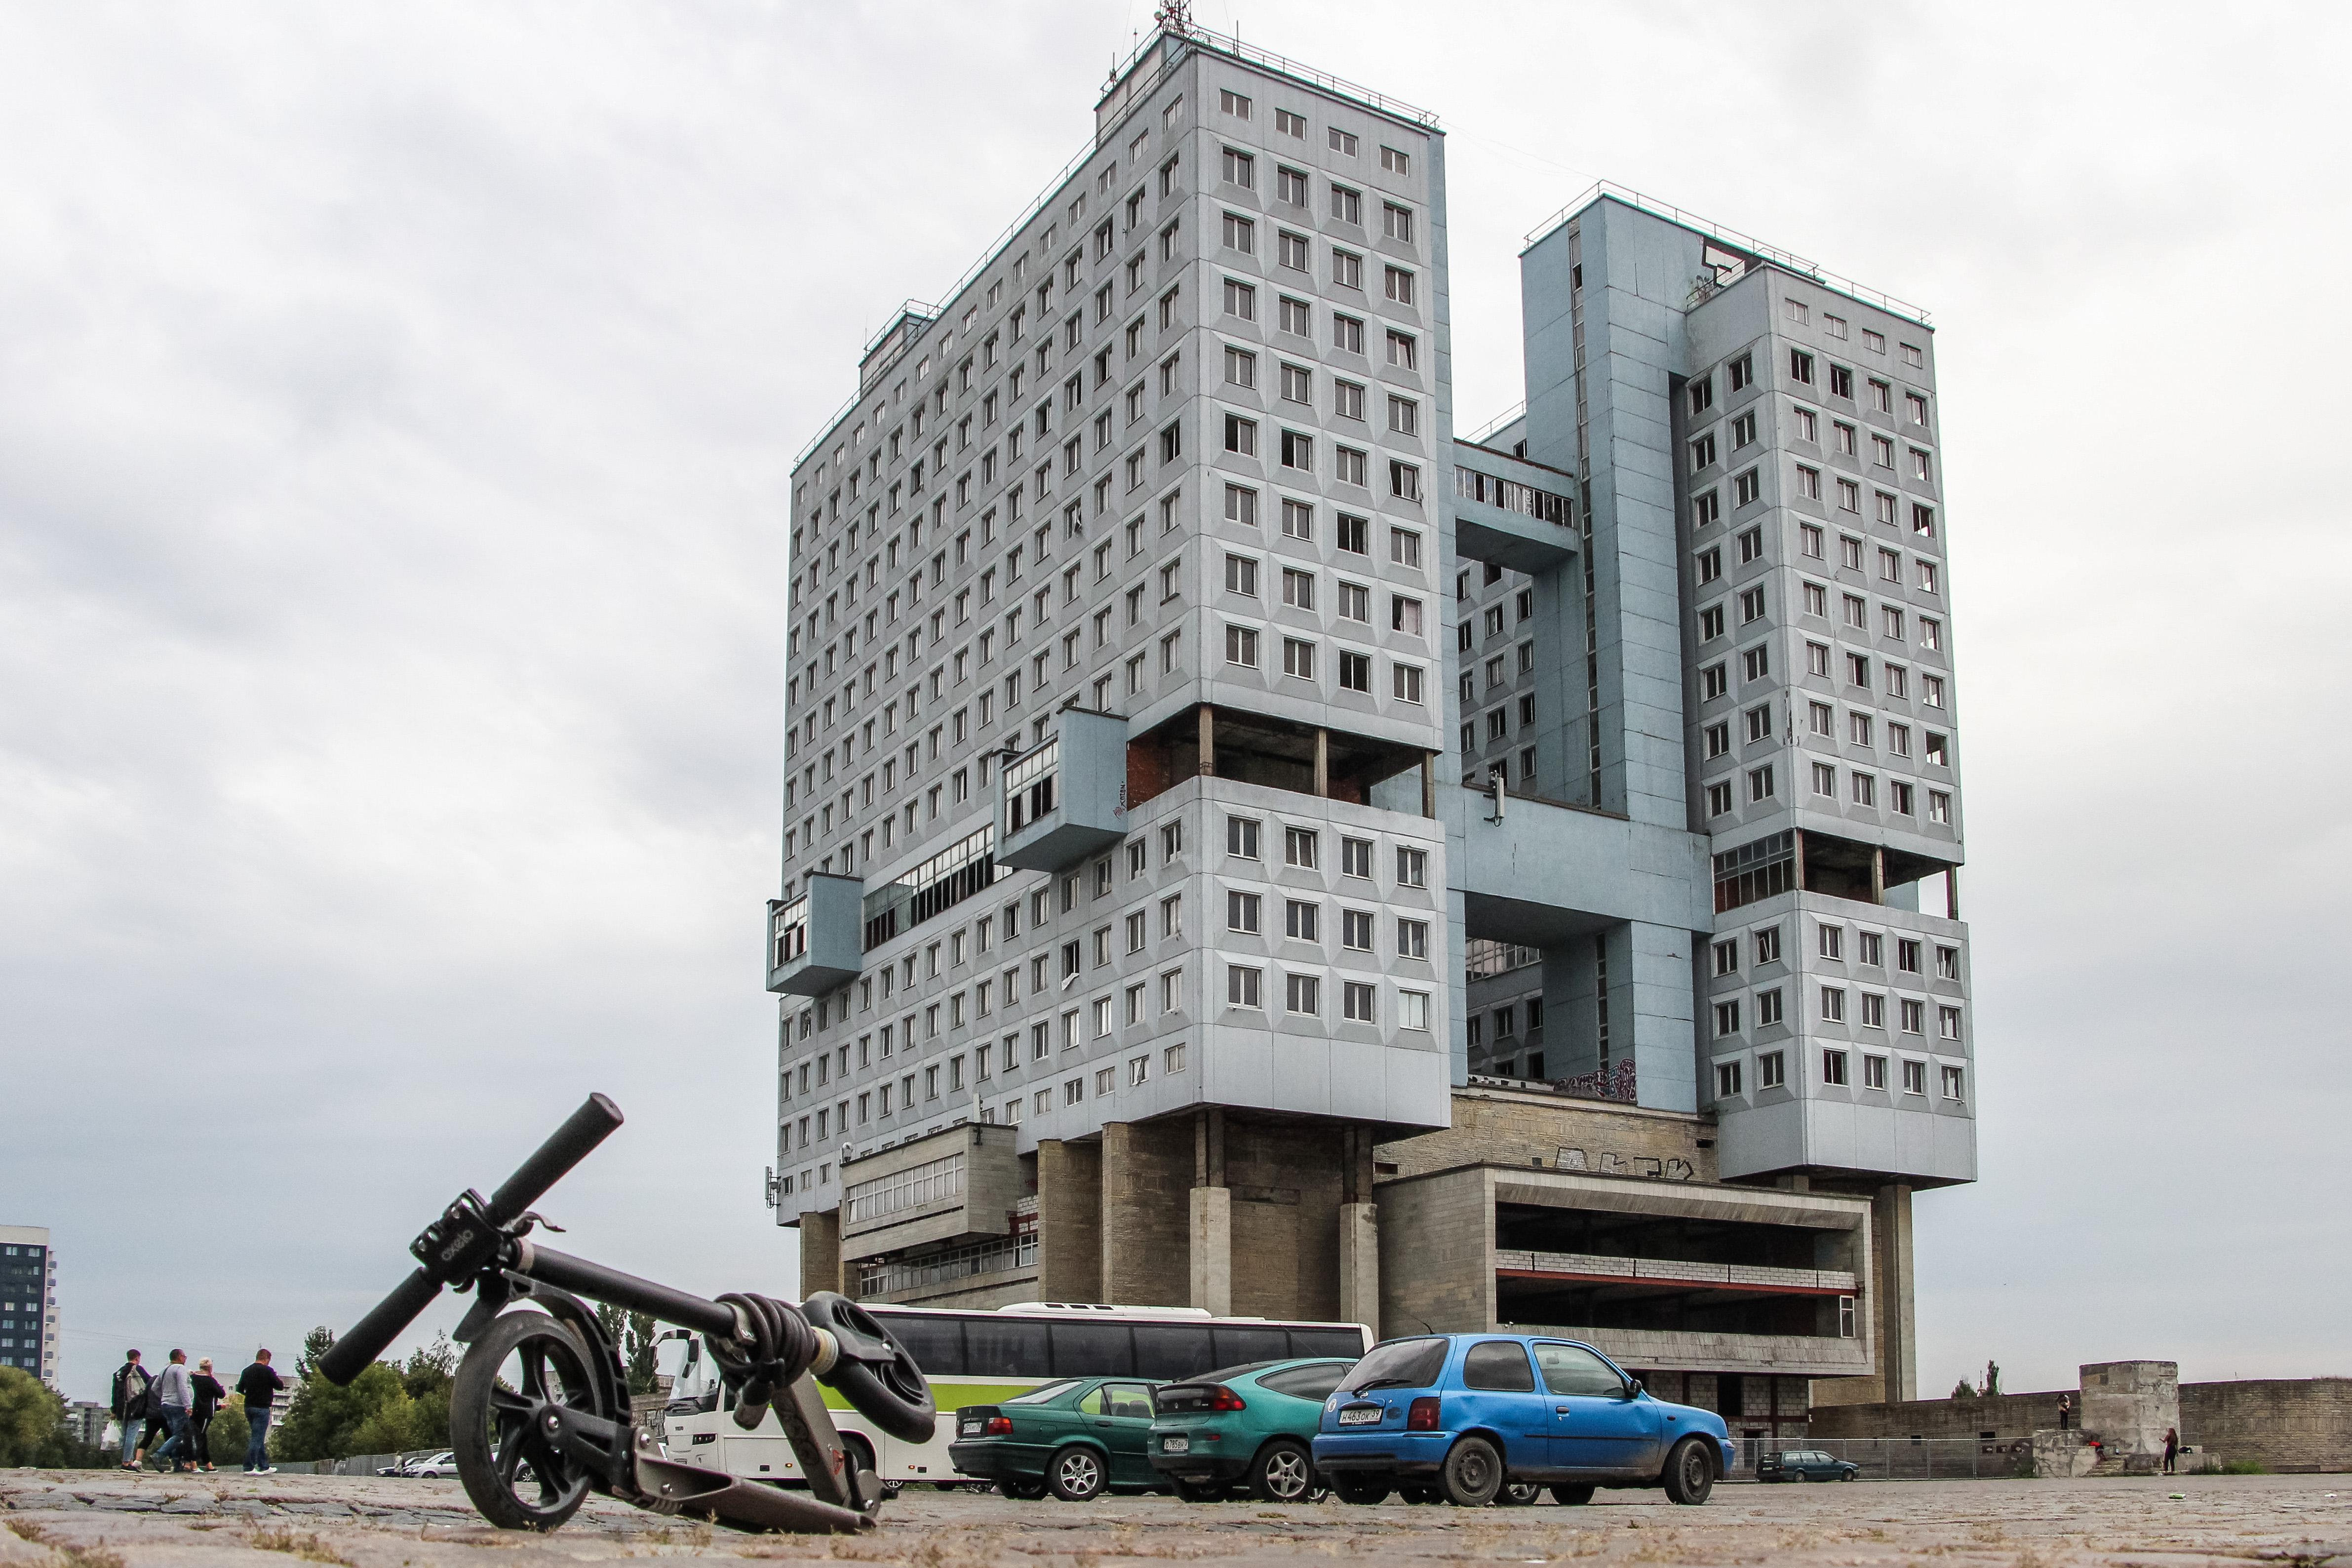 Jövőre lebontják a Kalinyingrád brutalista robotját